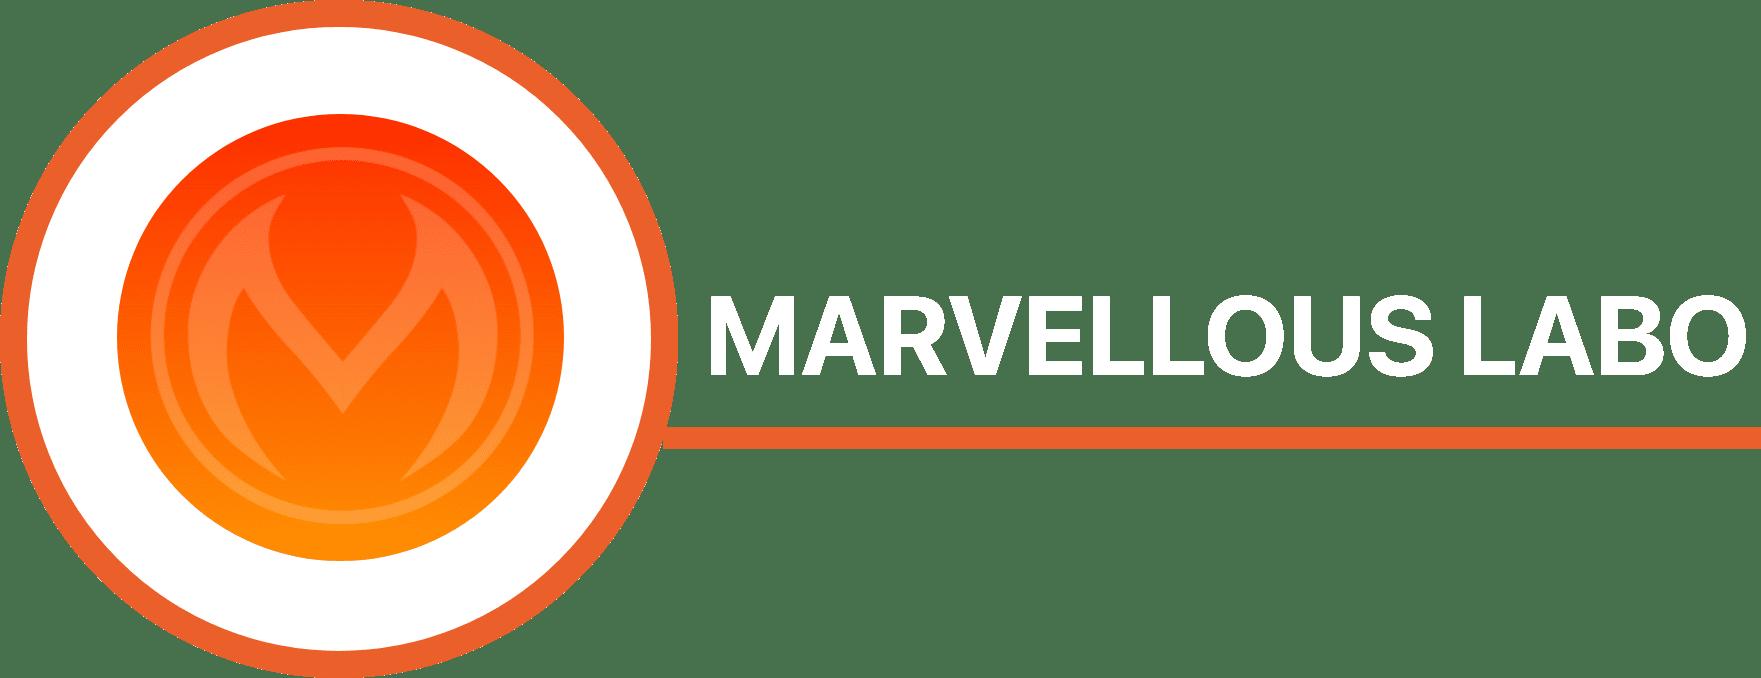 MARVELLOUS LABO